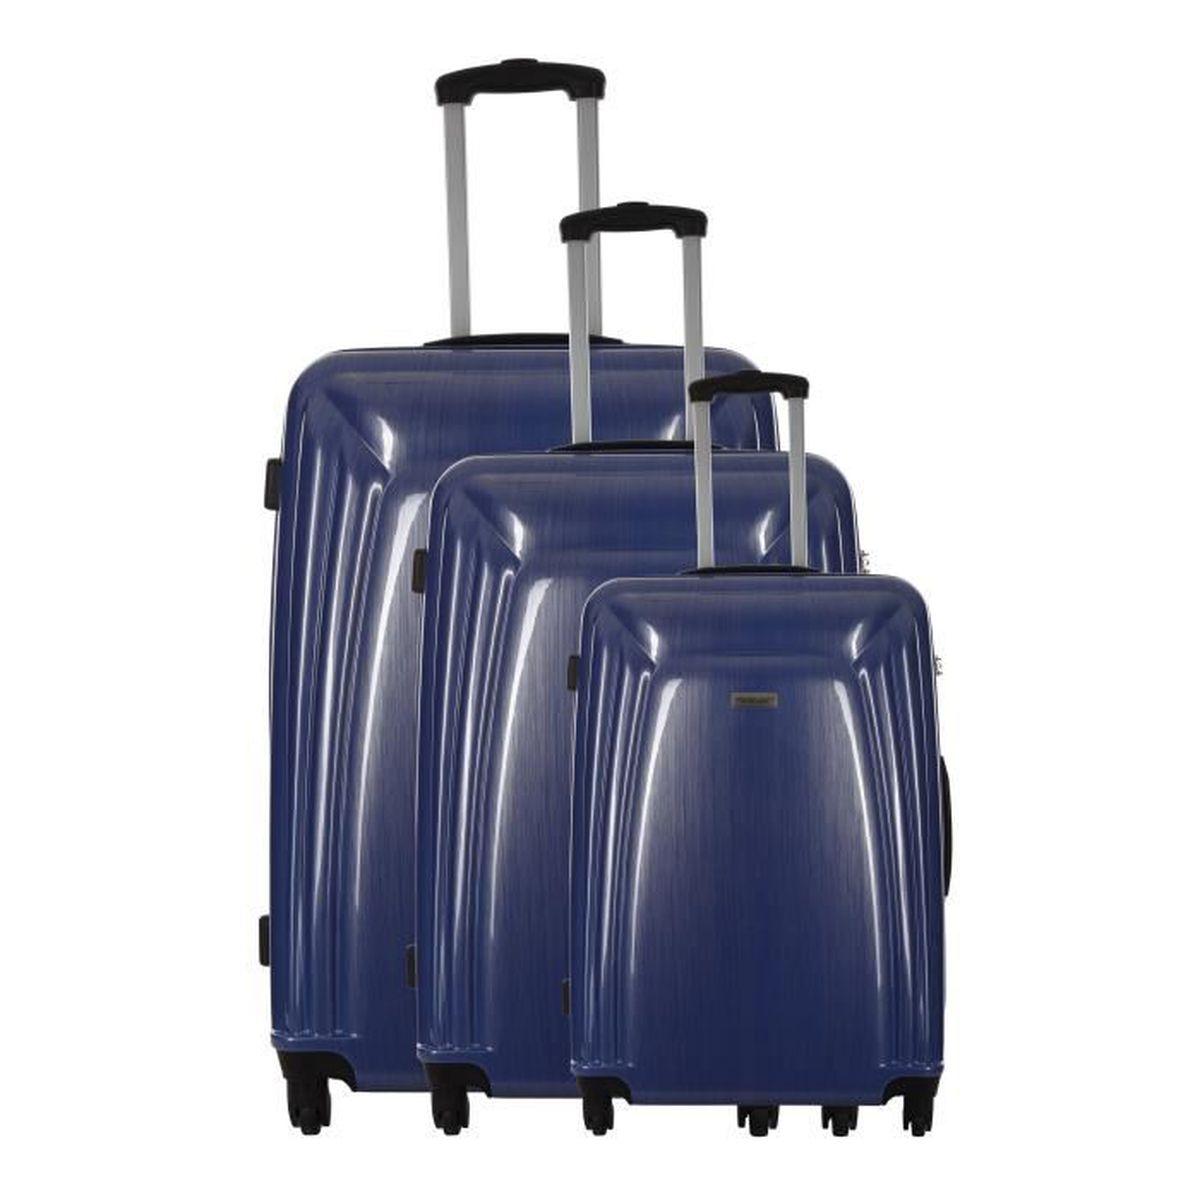 travel one set de 3 valises rigide polycarbonate rock 4 roues s m l barite bleu bleu achat. Black Bedroom Furniture Sets. Home Design Ideas